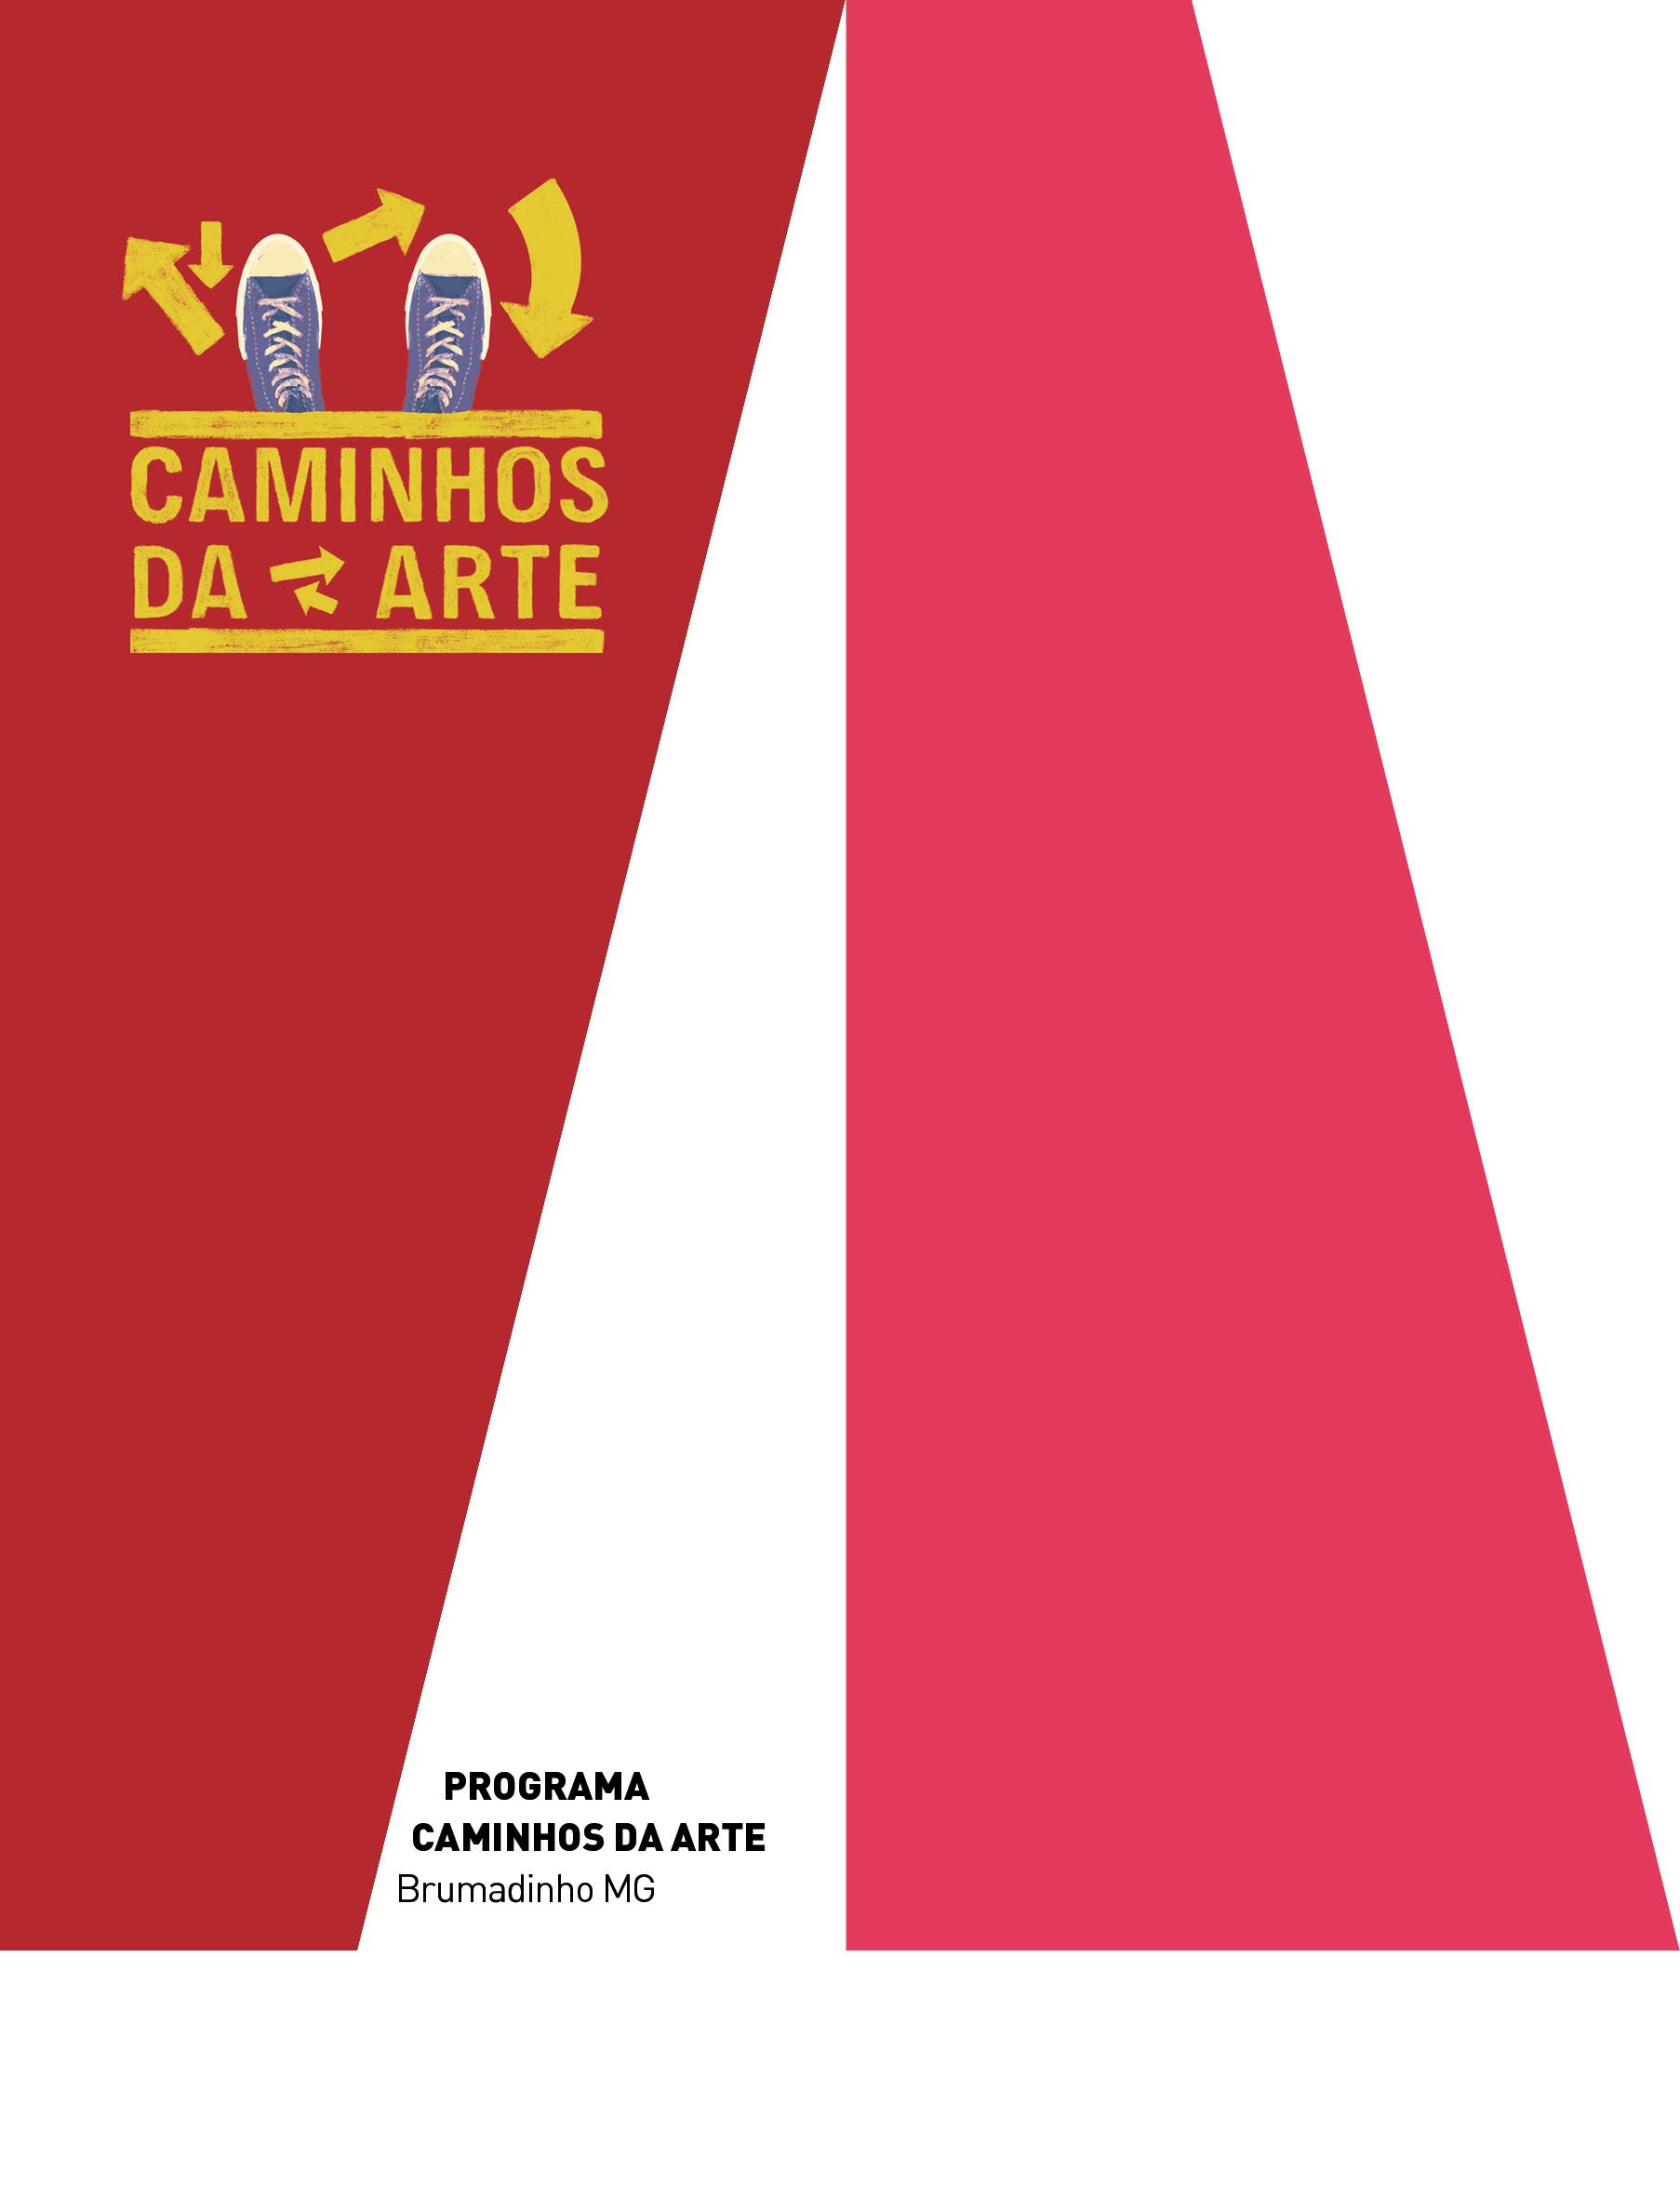 Evento: FCS e Palácio das Artes inauguram o Programa CAMINHOS DA ARTE, voltado para a transformação social em Brumadinho